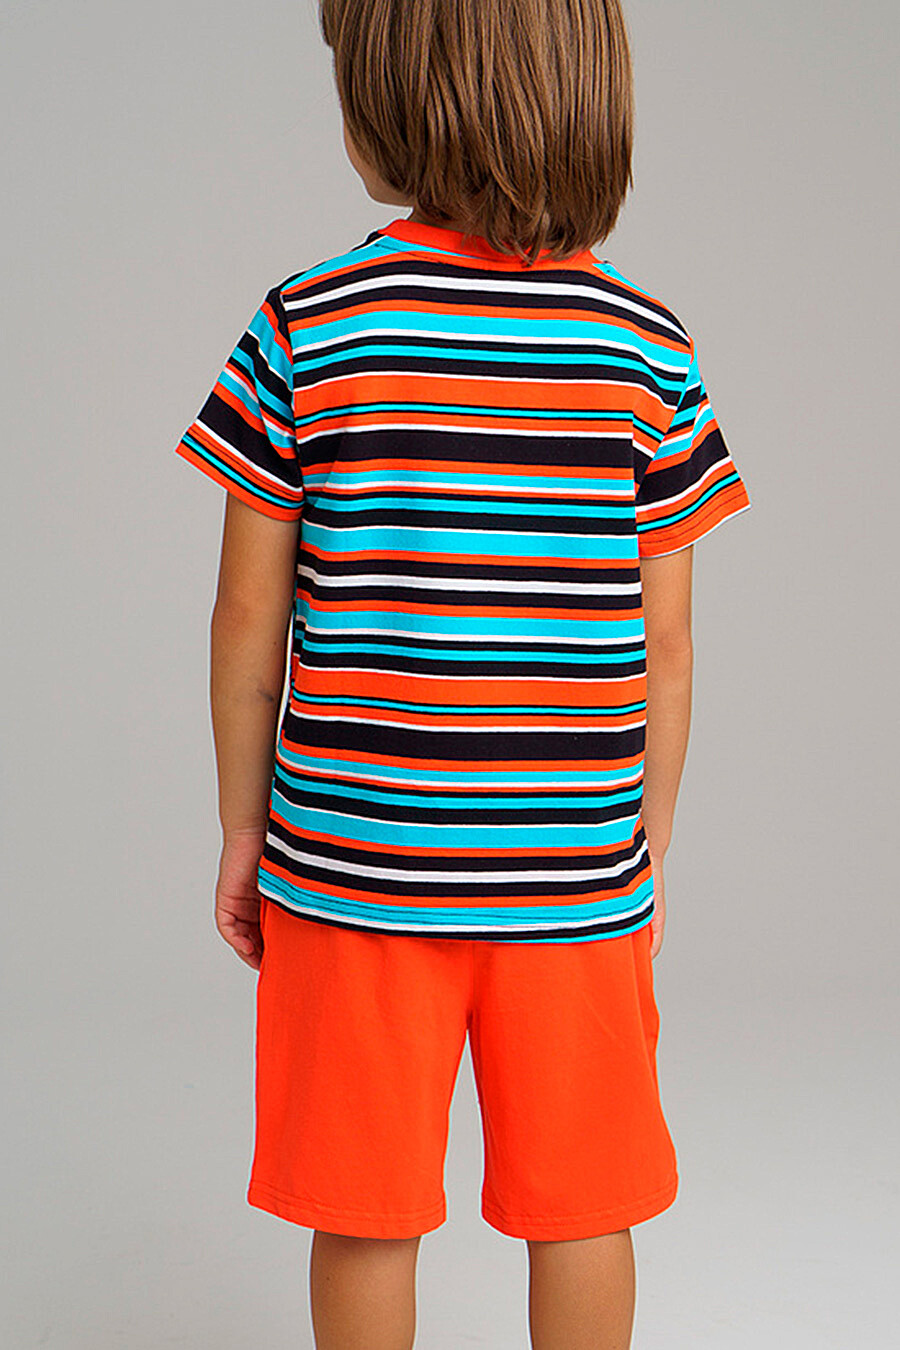 Футболка для мальчиков PLAYTODAY 289461 купить оптом от производителя. Совместная покупка детской одежды в OptMoyo